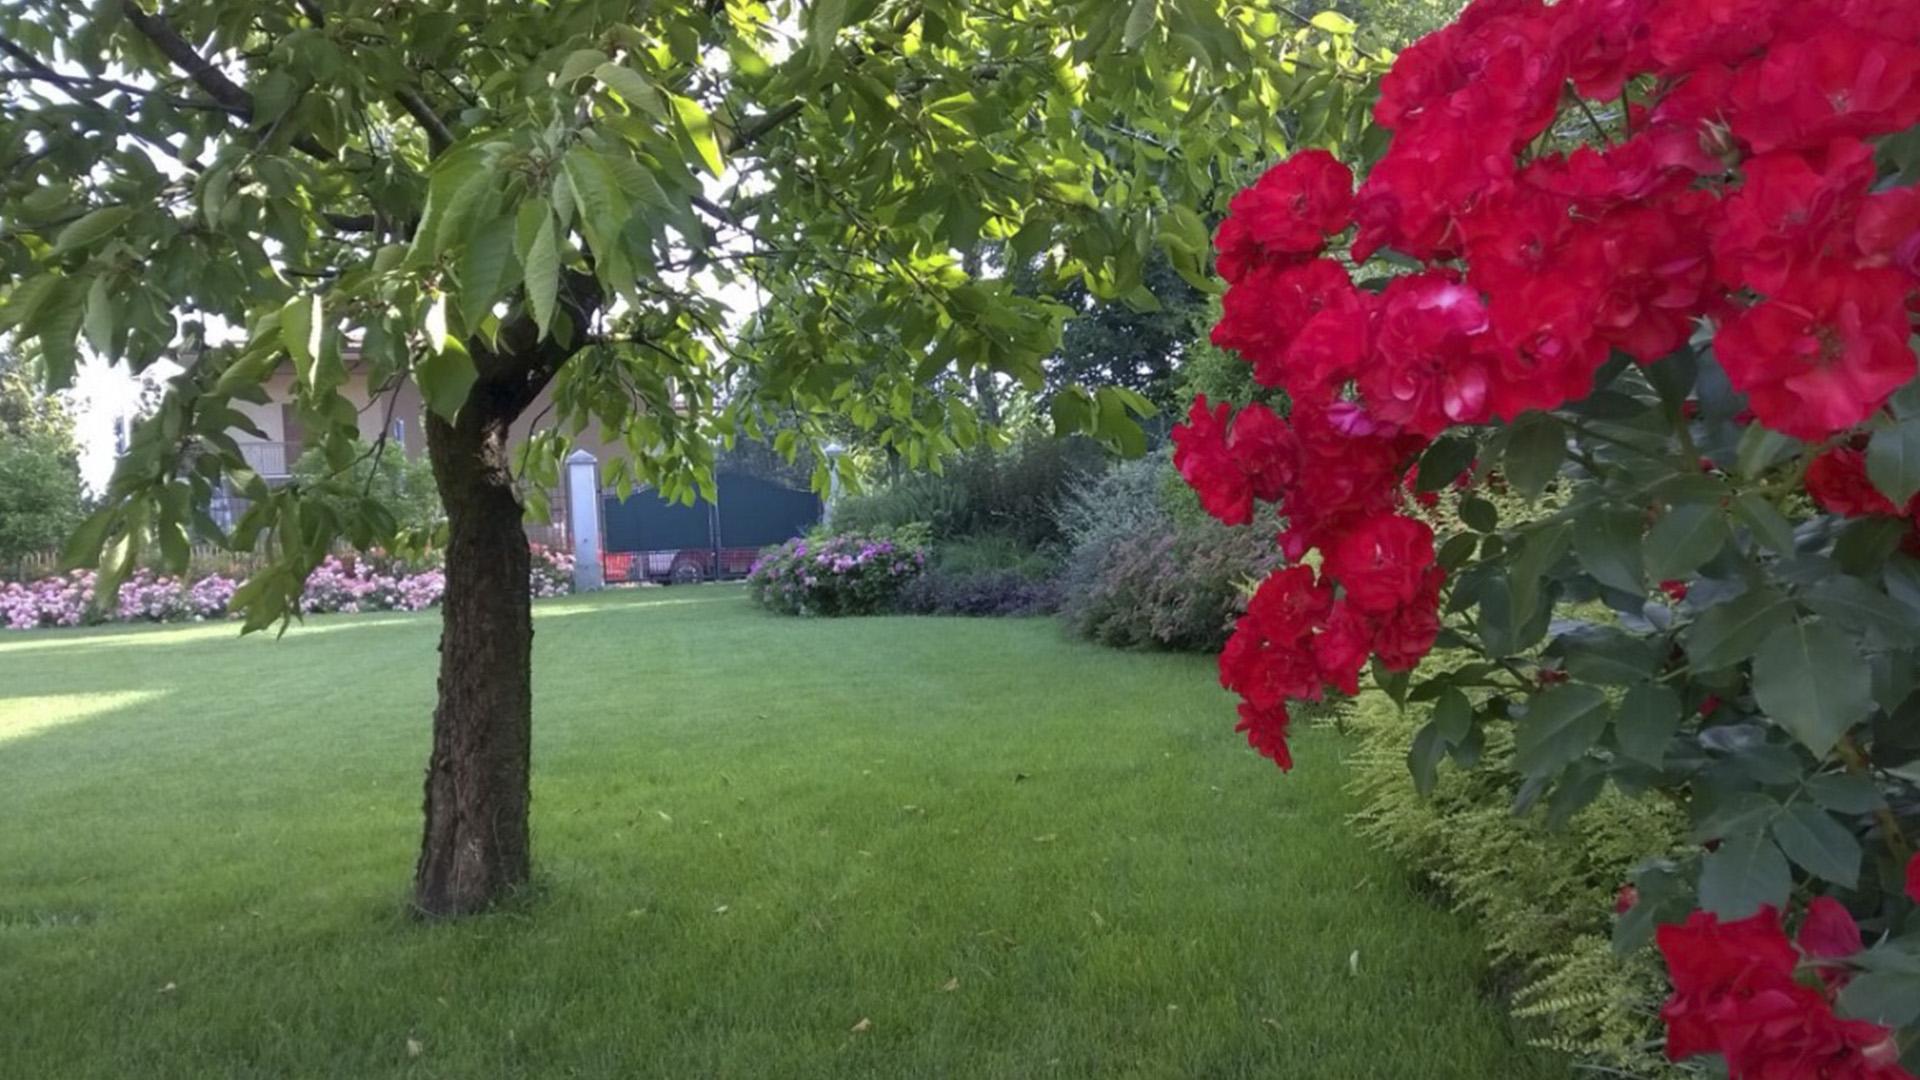 Giardino fiori rossi